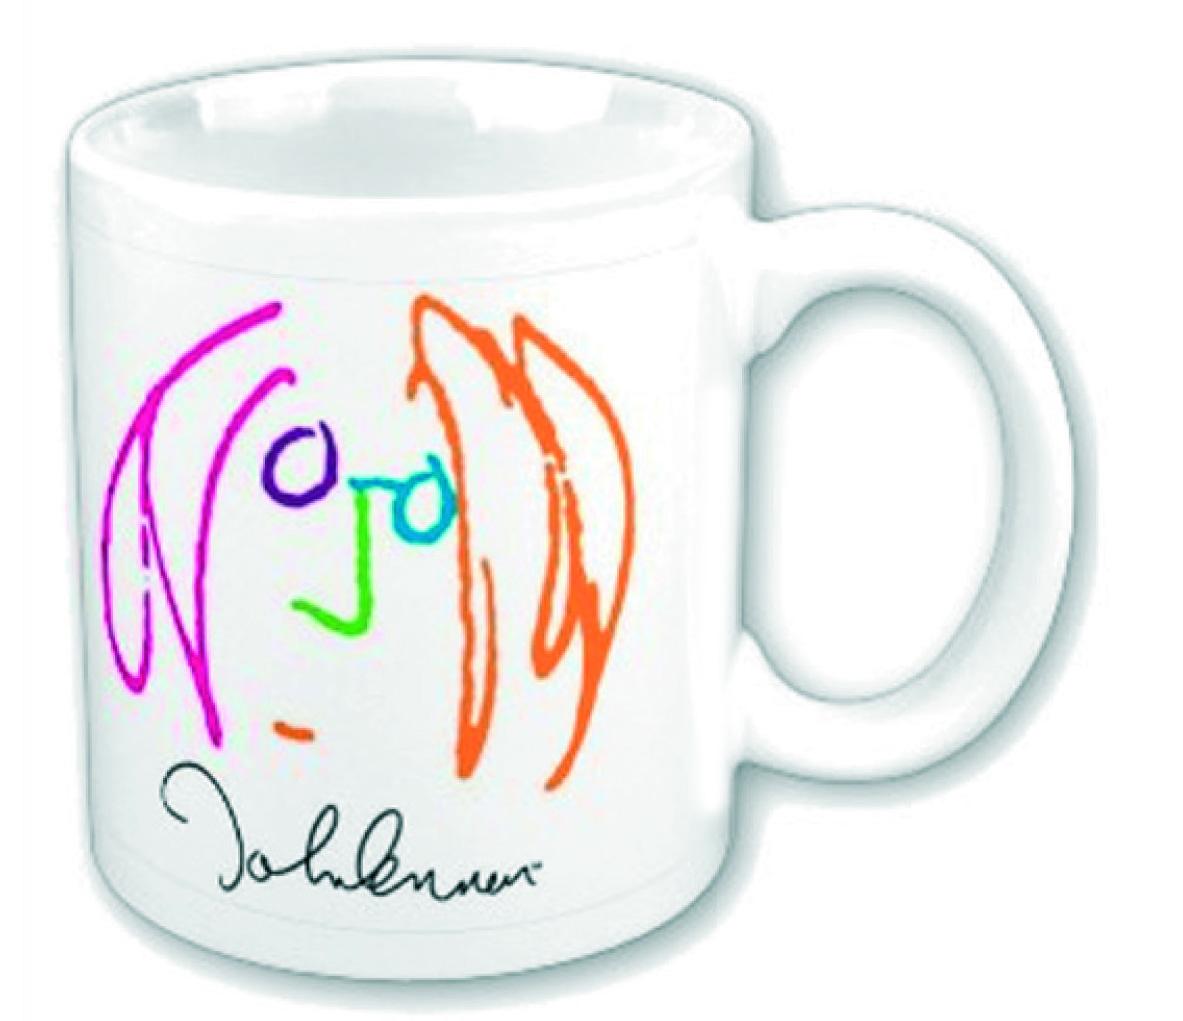 John-Lennon-Self-Portrait-Signature-Boxed-12-Ounce-Ceramic-Coffee-Tea-Mug-Cup